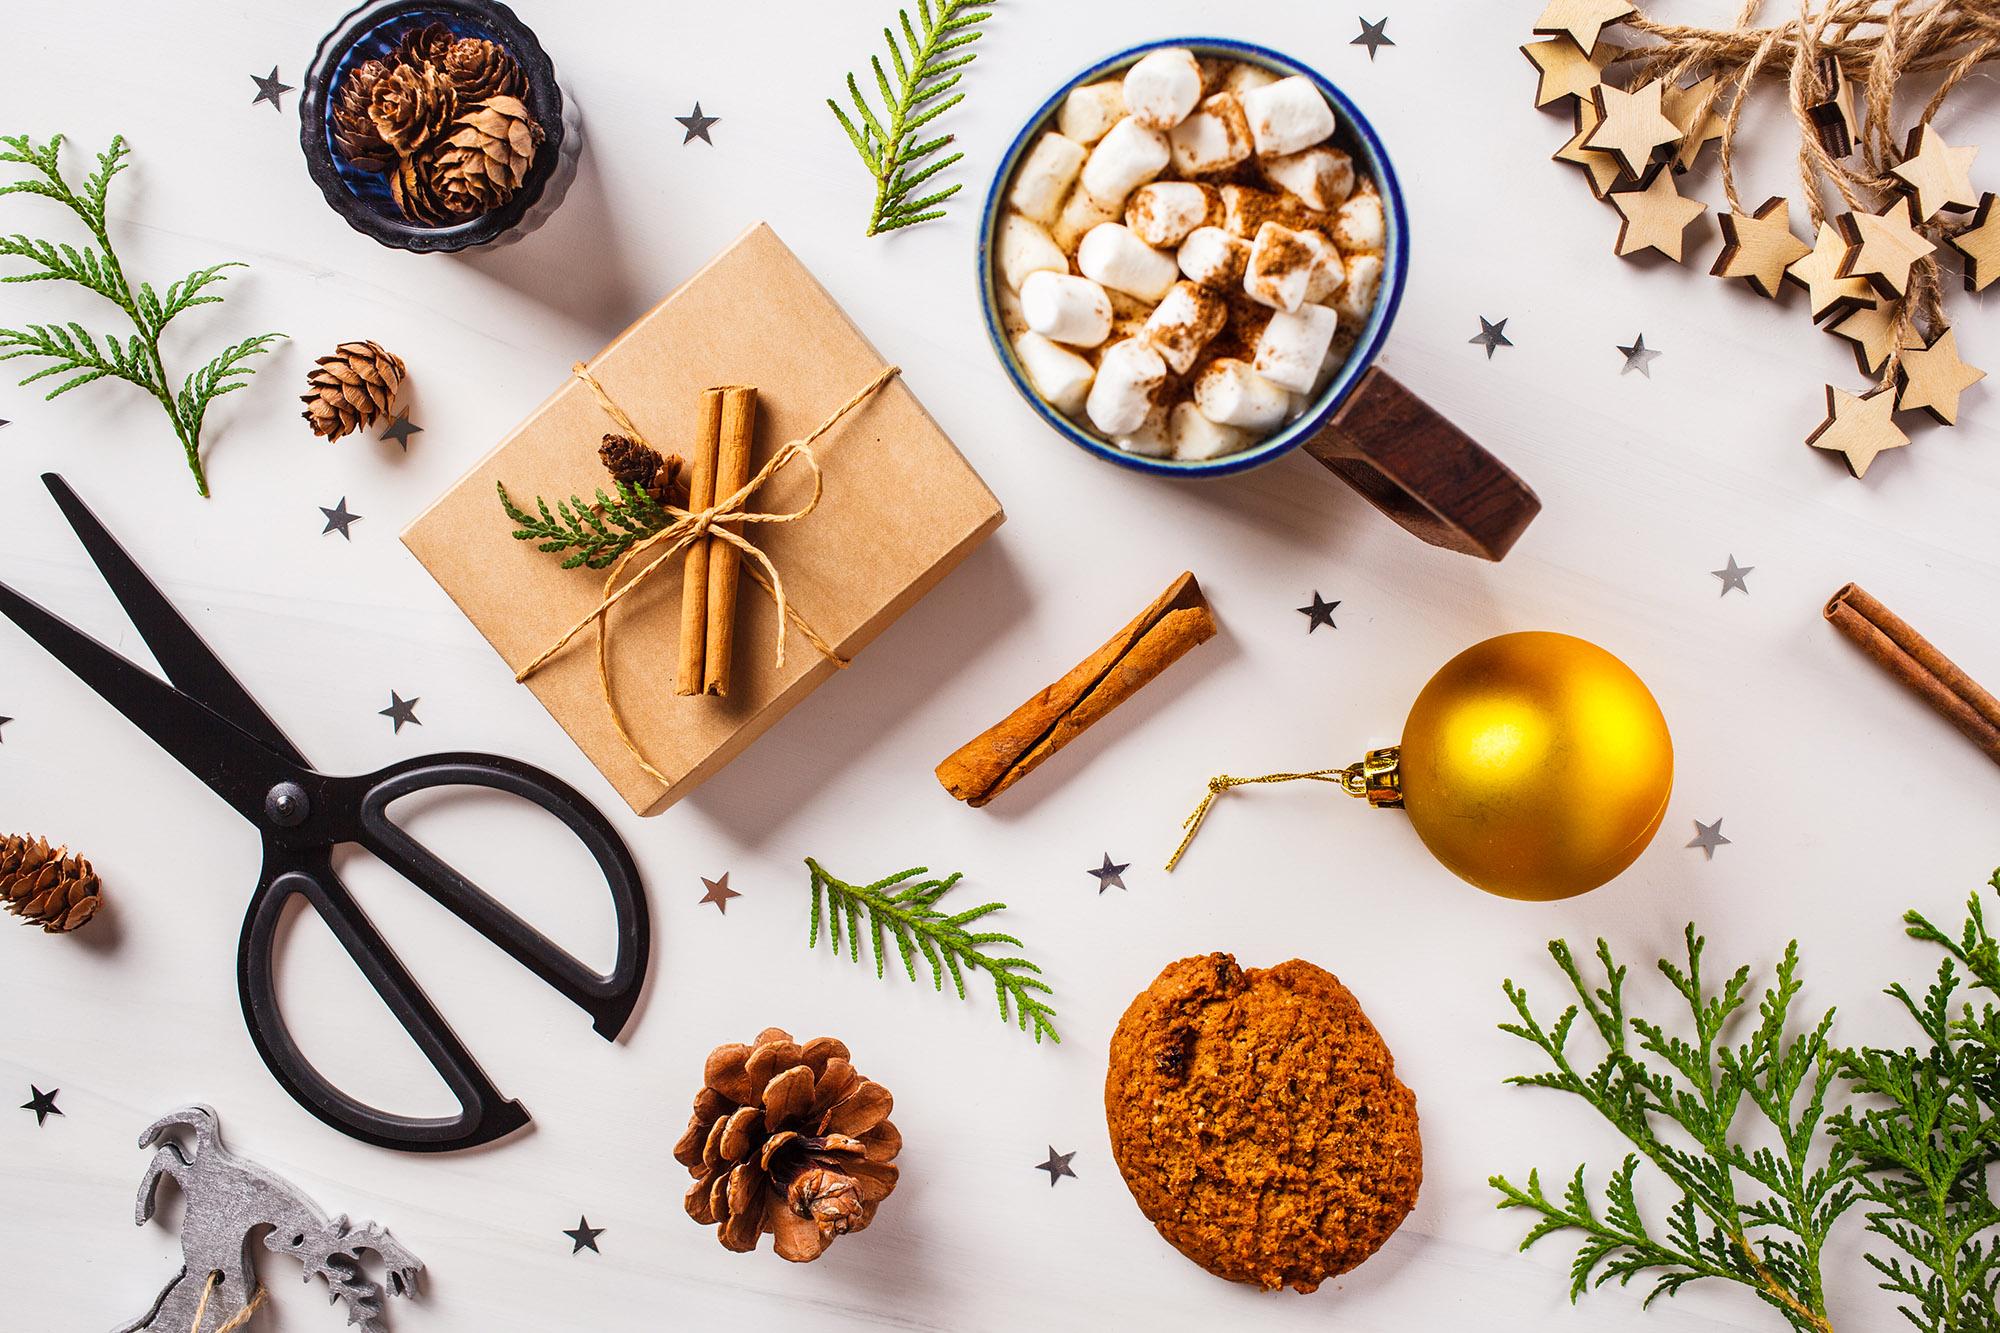 borduurpakket kerst bestellen